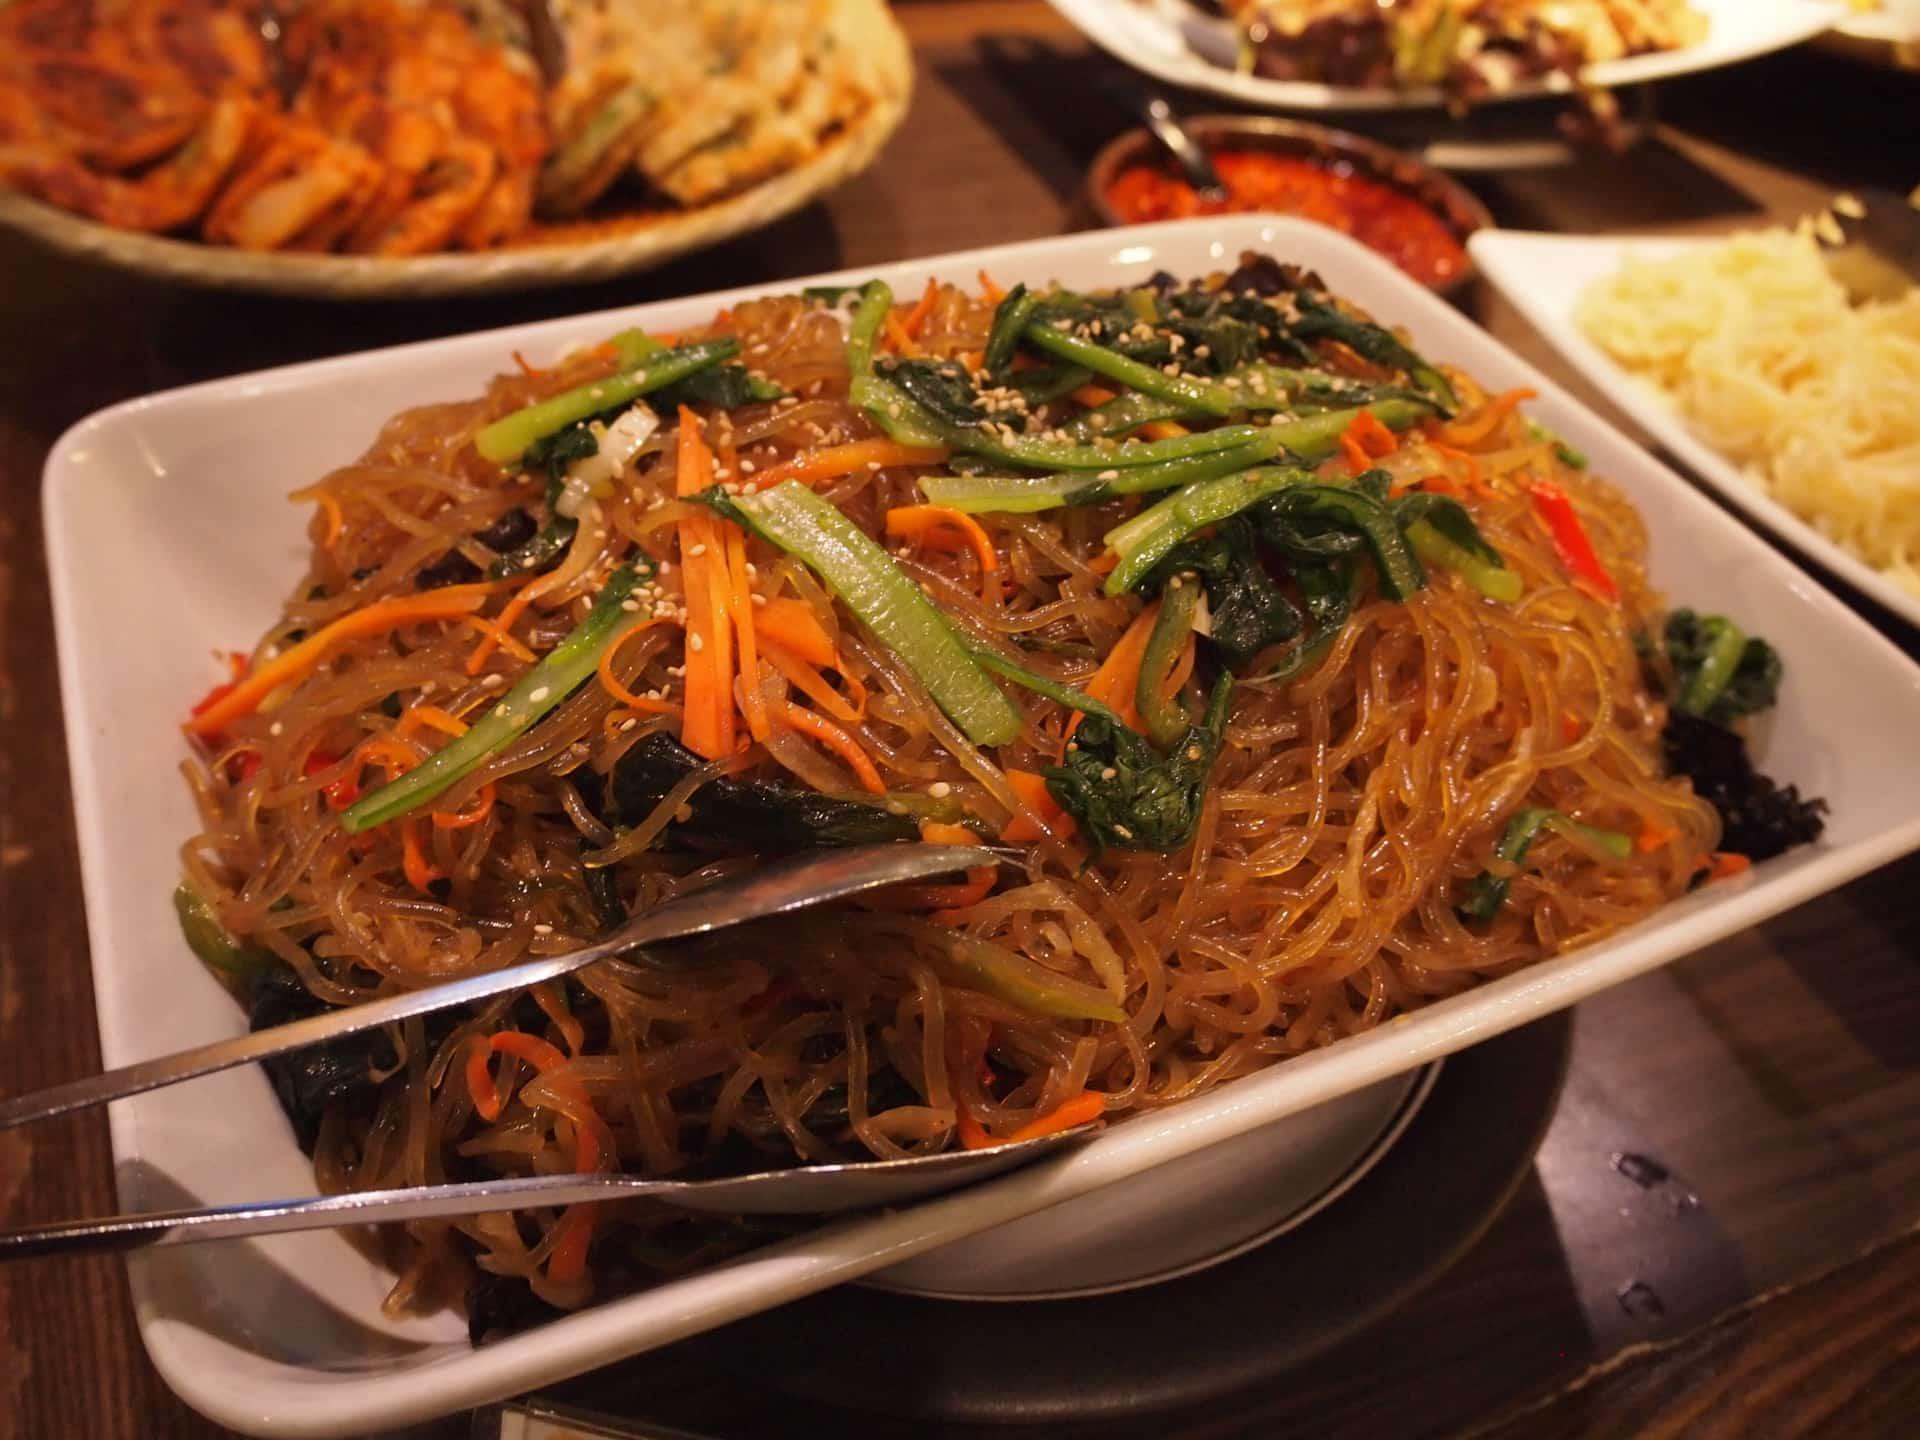 プングム − 新大久保で30種類の韓国料理食べ放題ランチ!1000円台でコスパ抜群